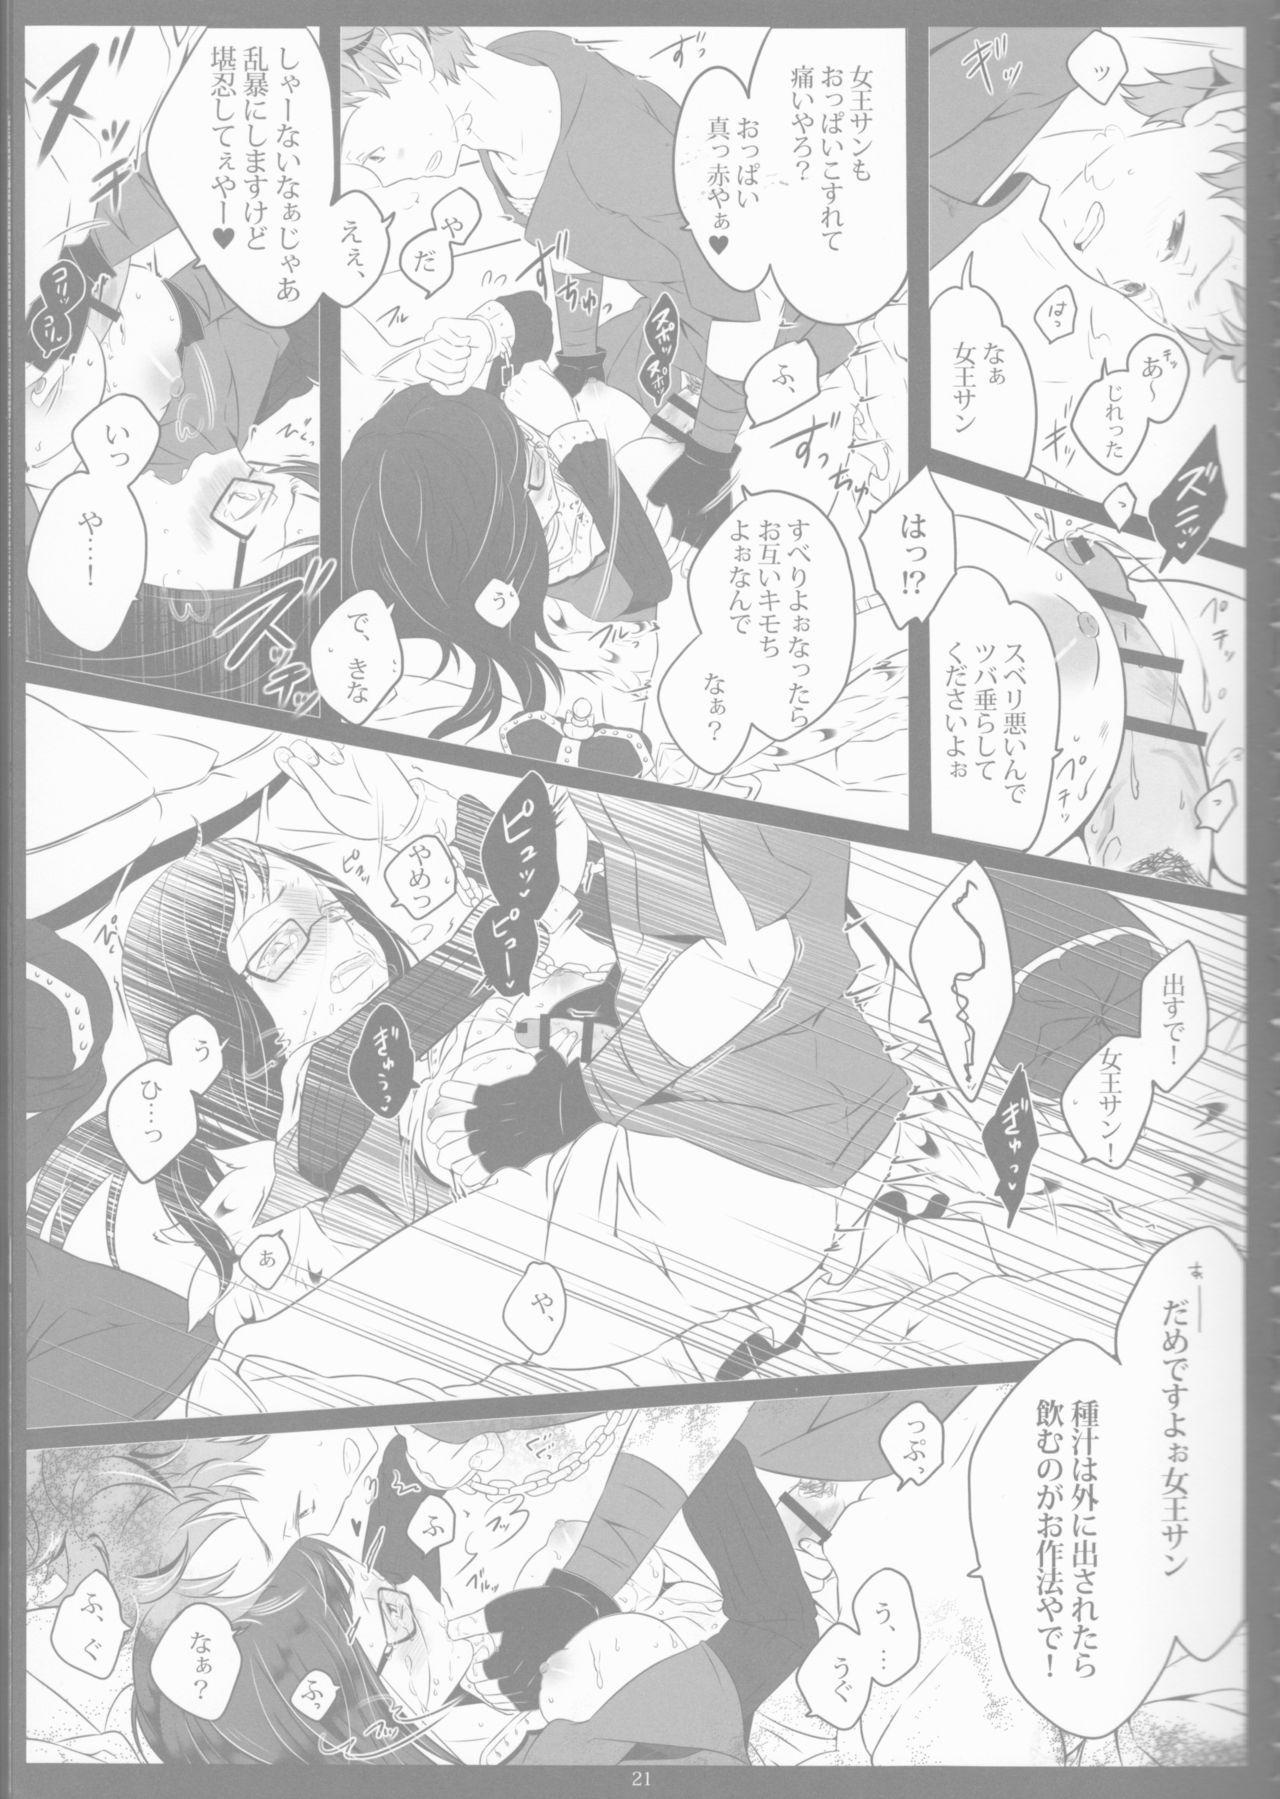 Toge hikari no navu~igātoria book 2(blue exorcist] 18